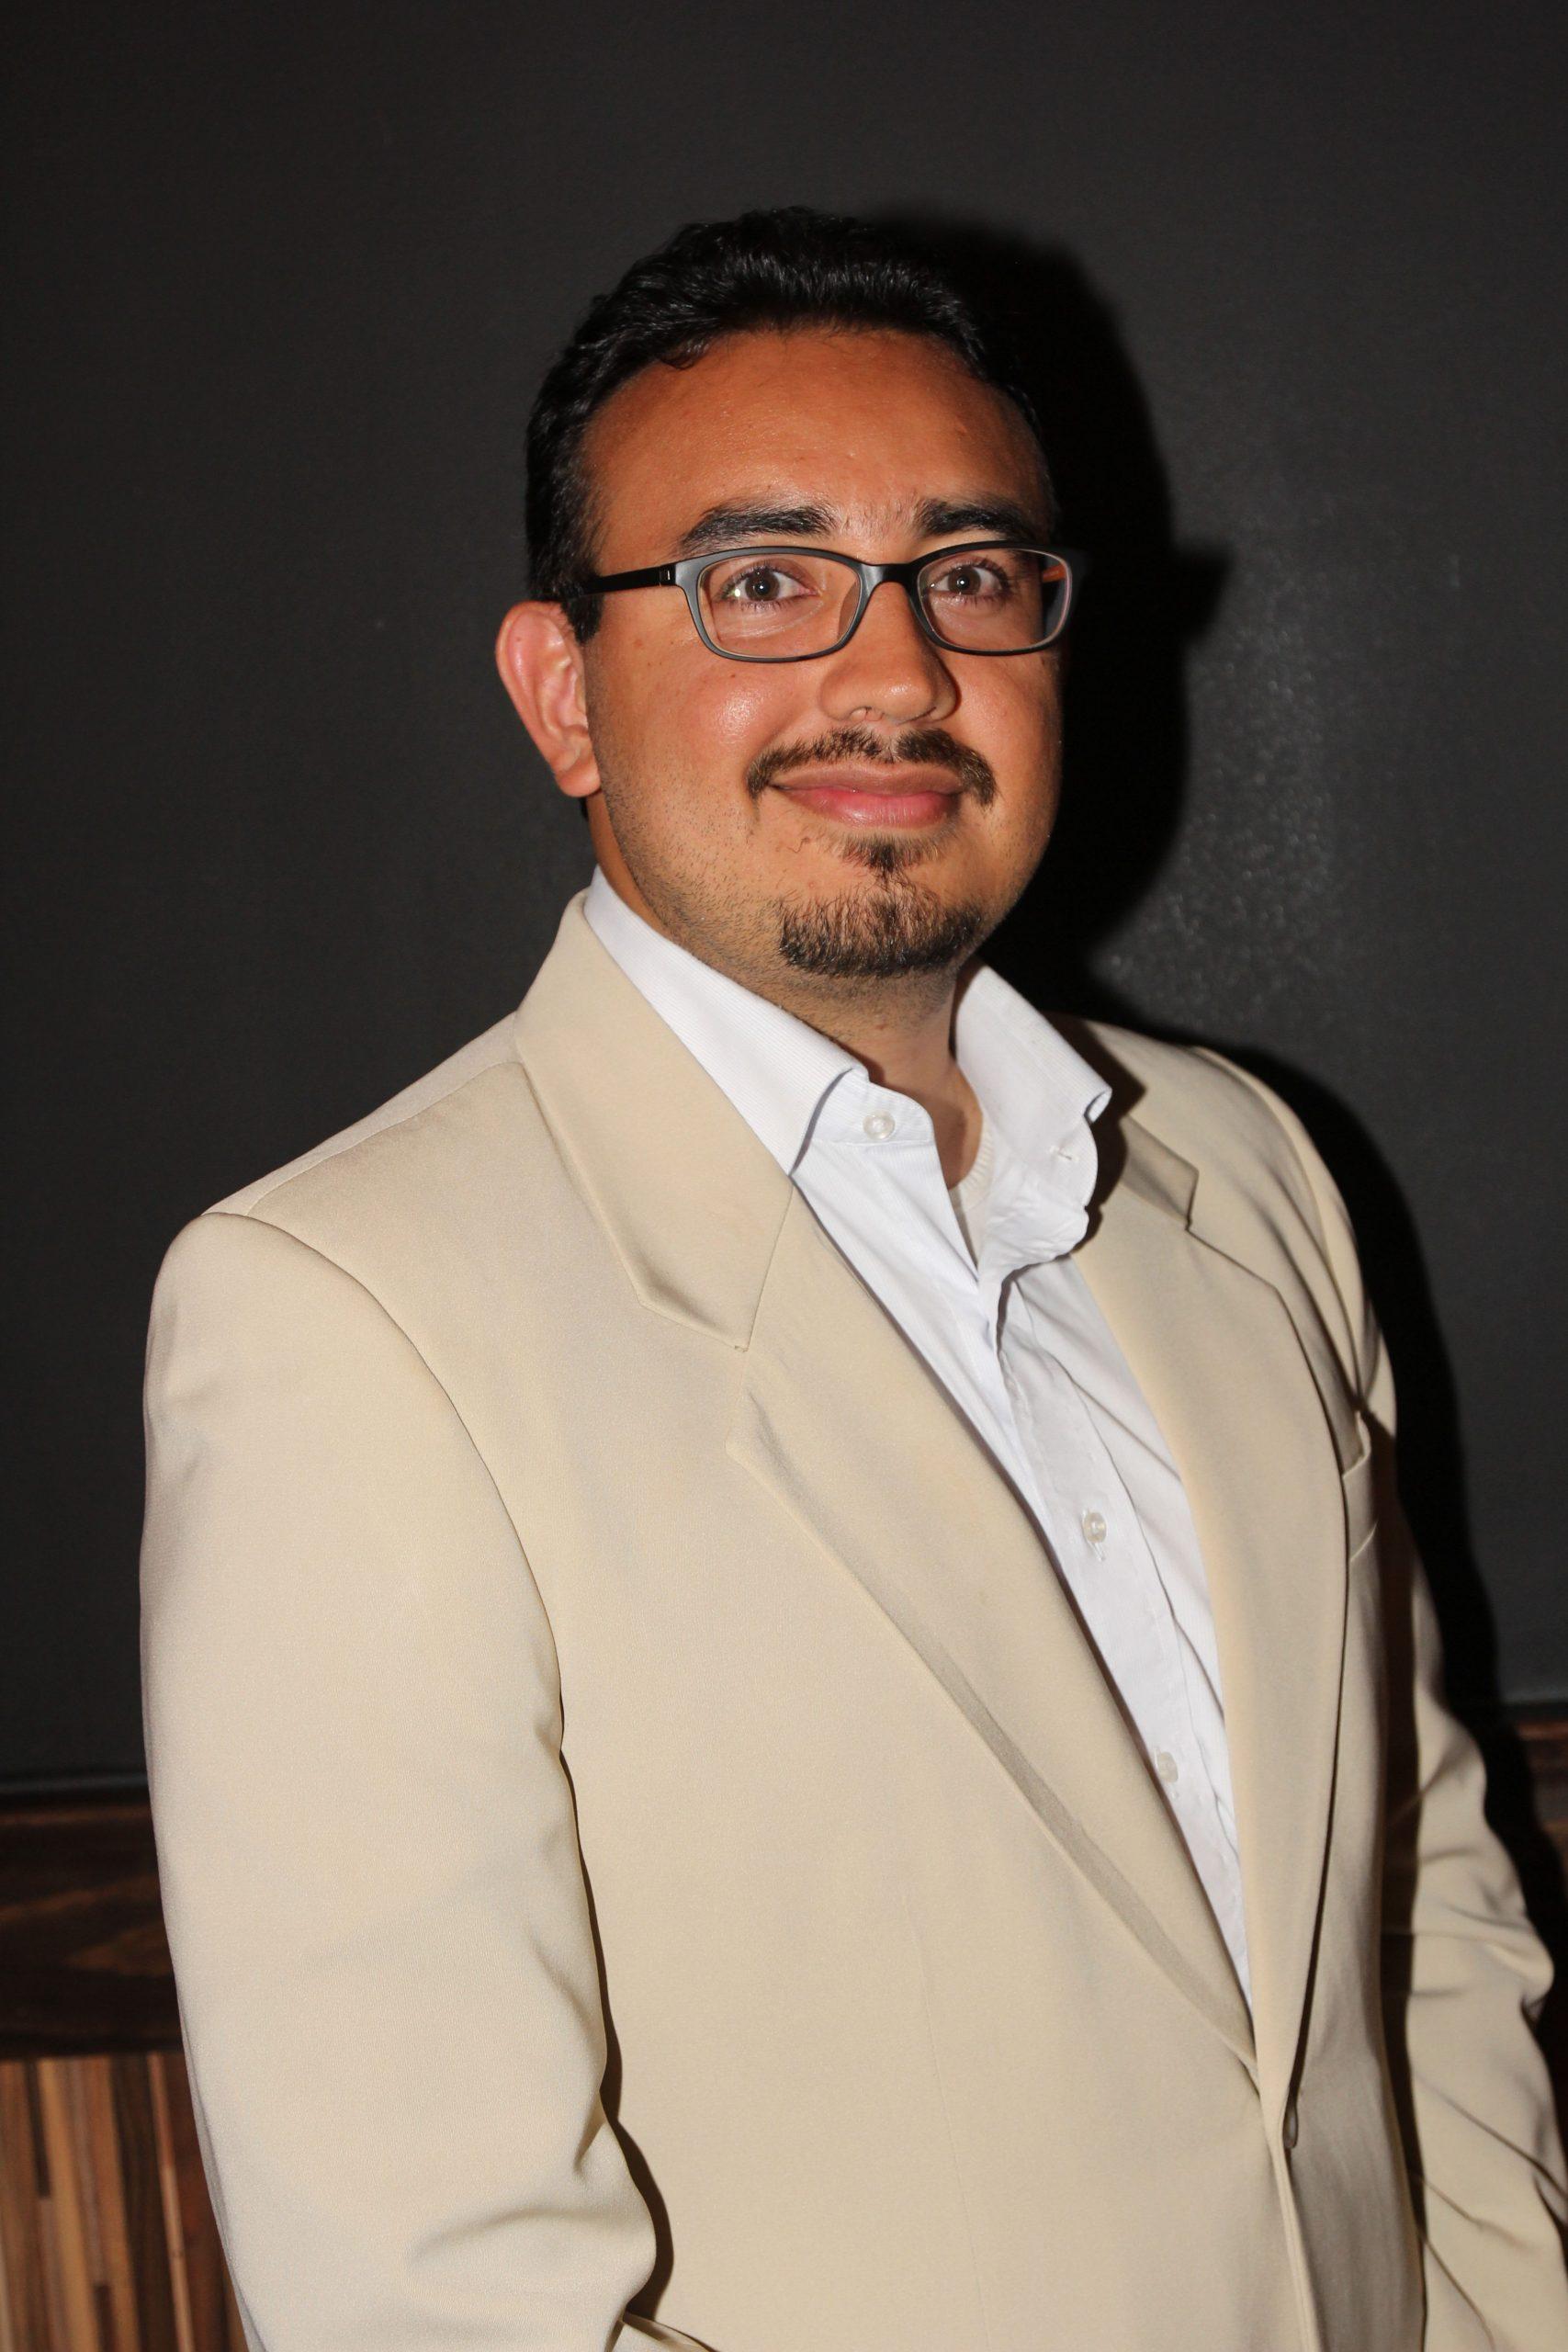 Josué Salmerón